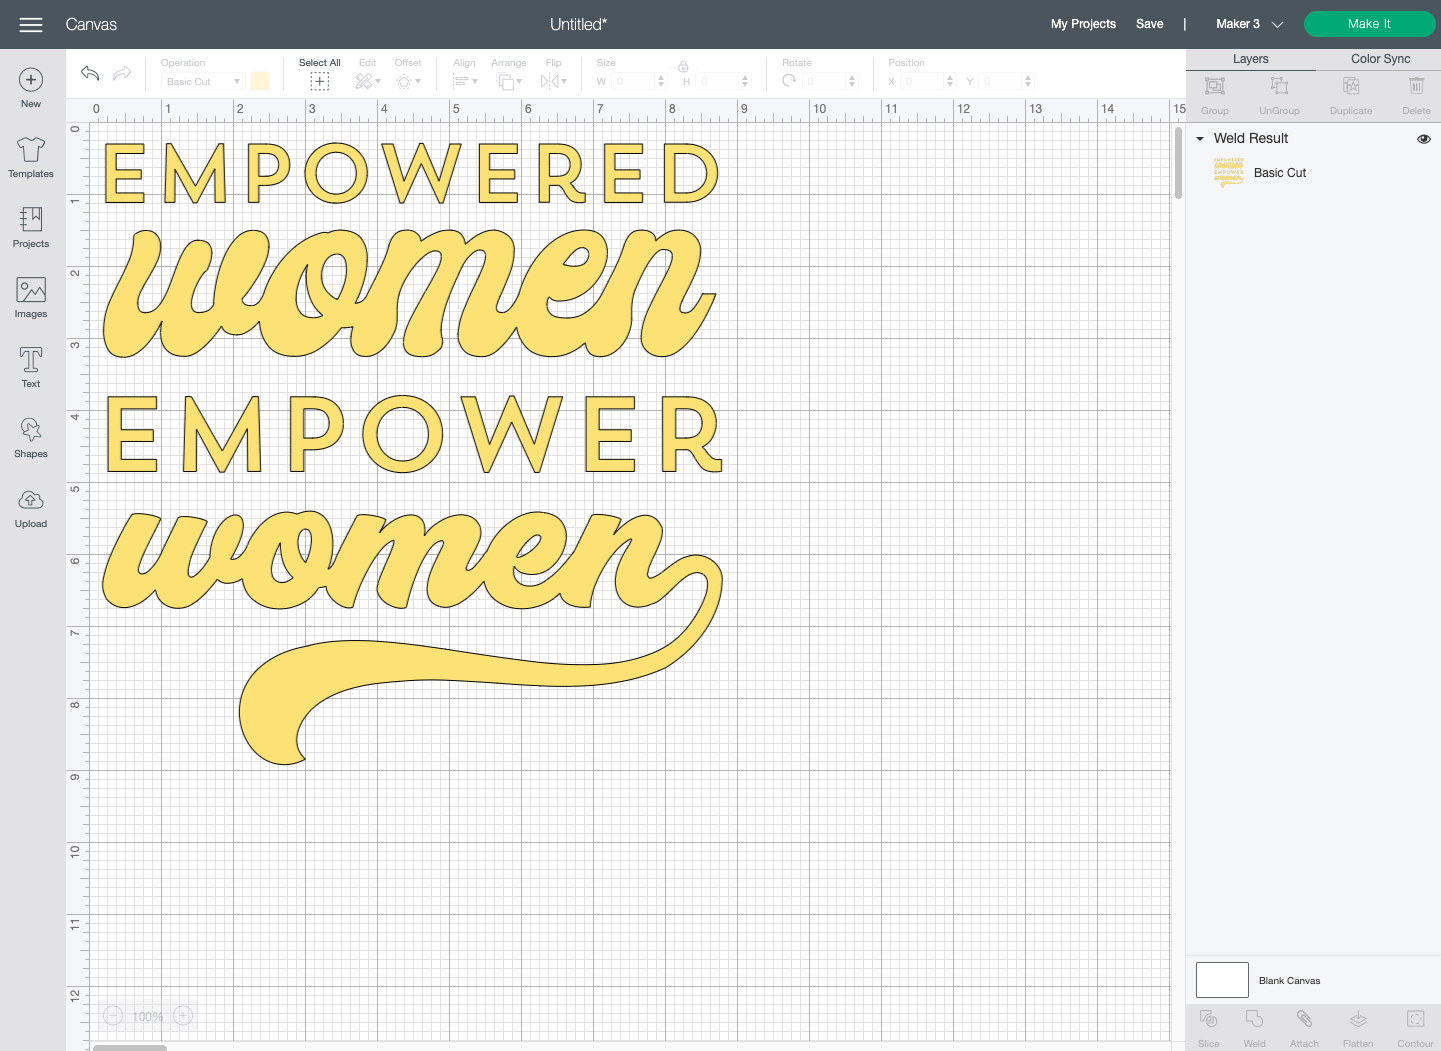 """Cricut Design Space: Welded """"Empowered Women Empower Women"""" image."""